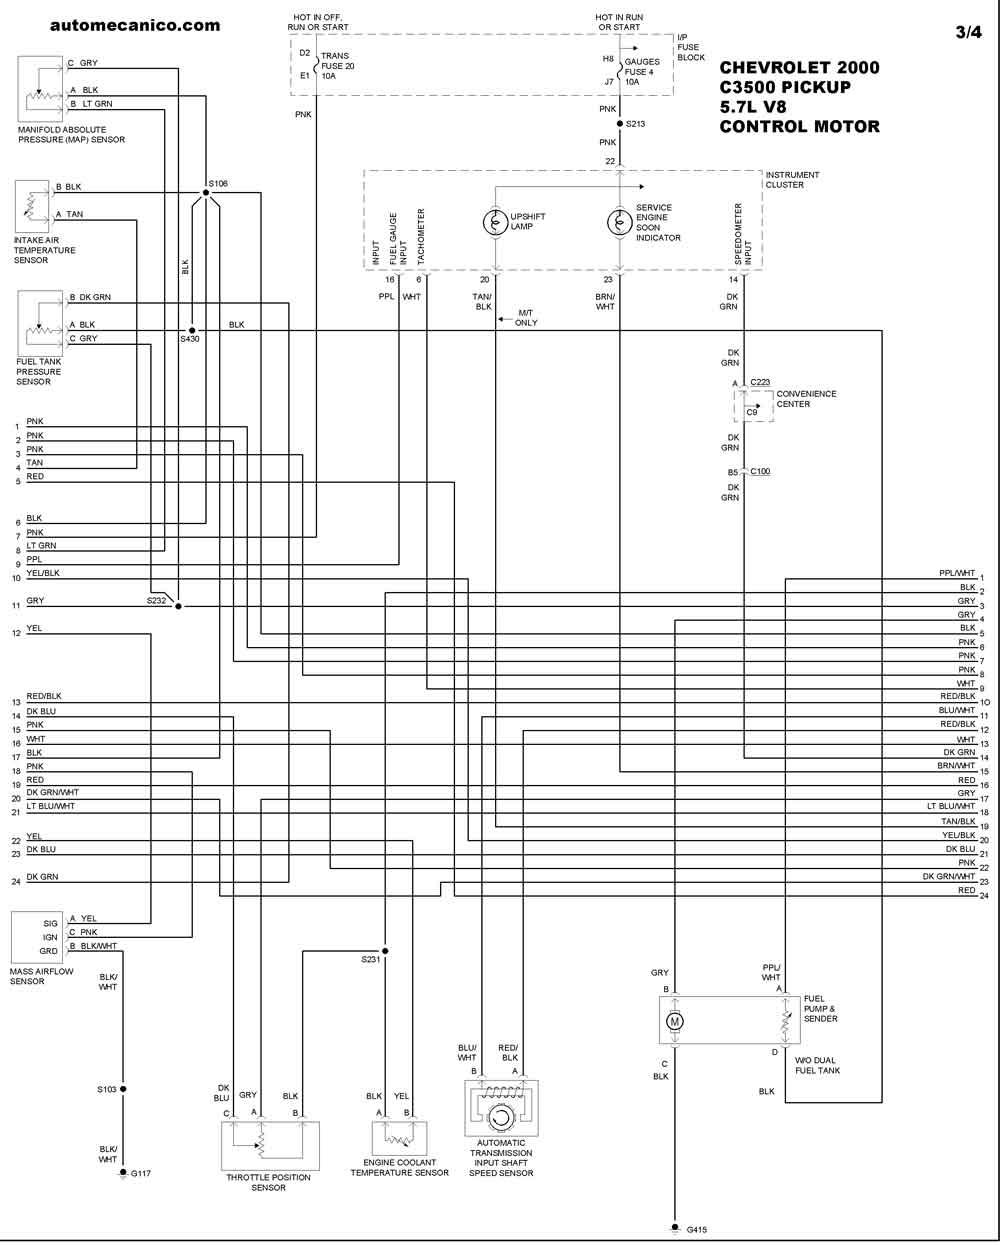 chevrolet 2000 - diagramas control del motor